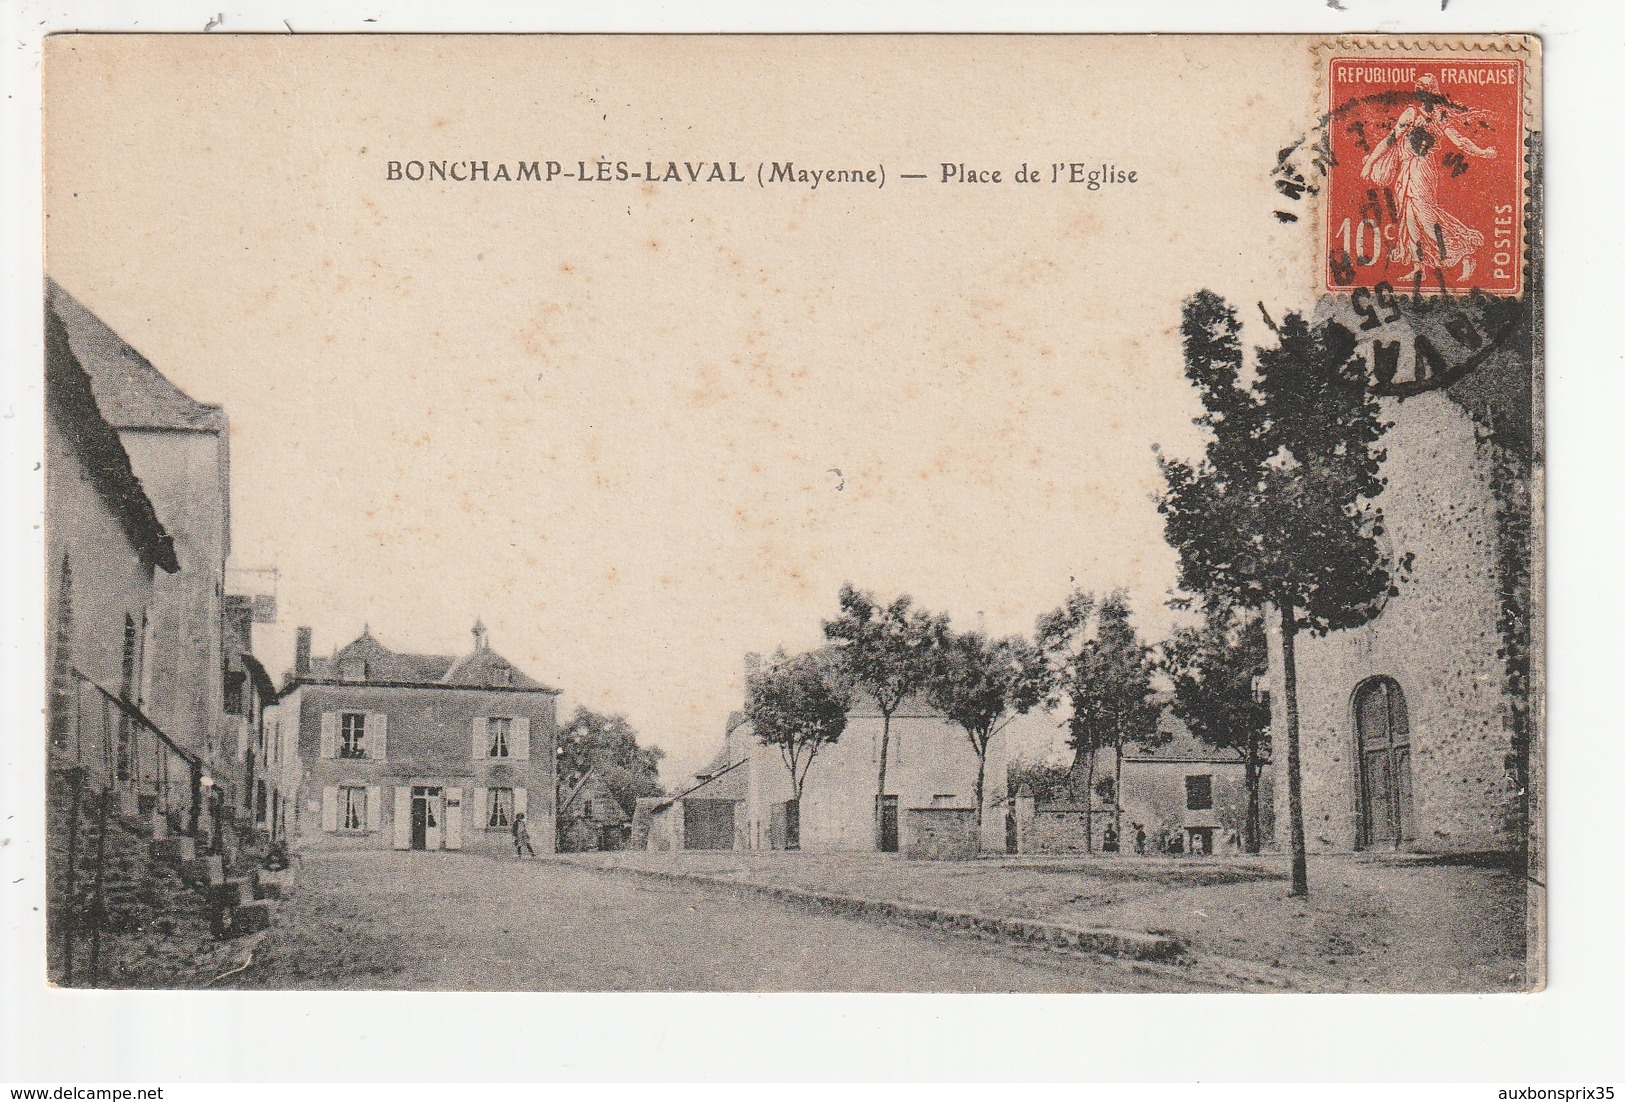 BONCHAMP LES LAVAL - PLACE DE L'EGLISE - 53 - France